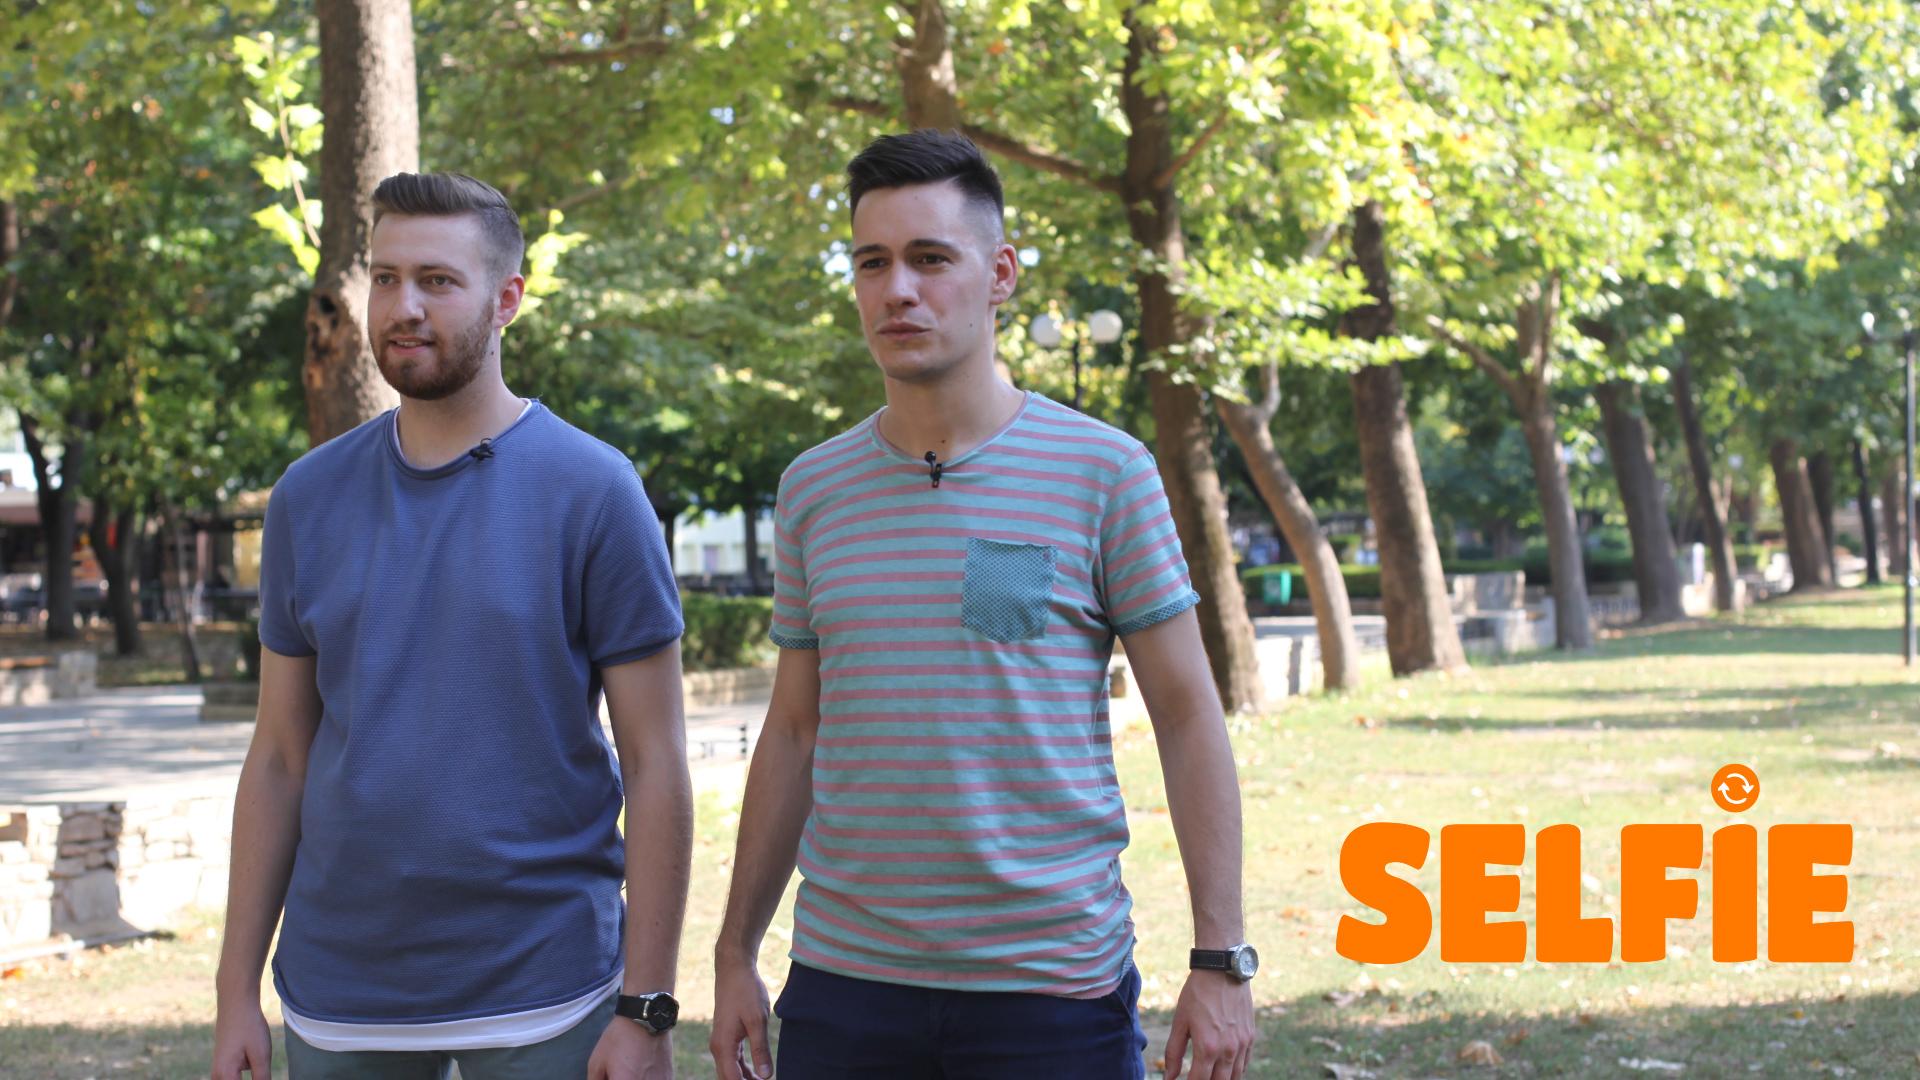 SELFIE_5